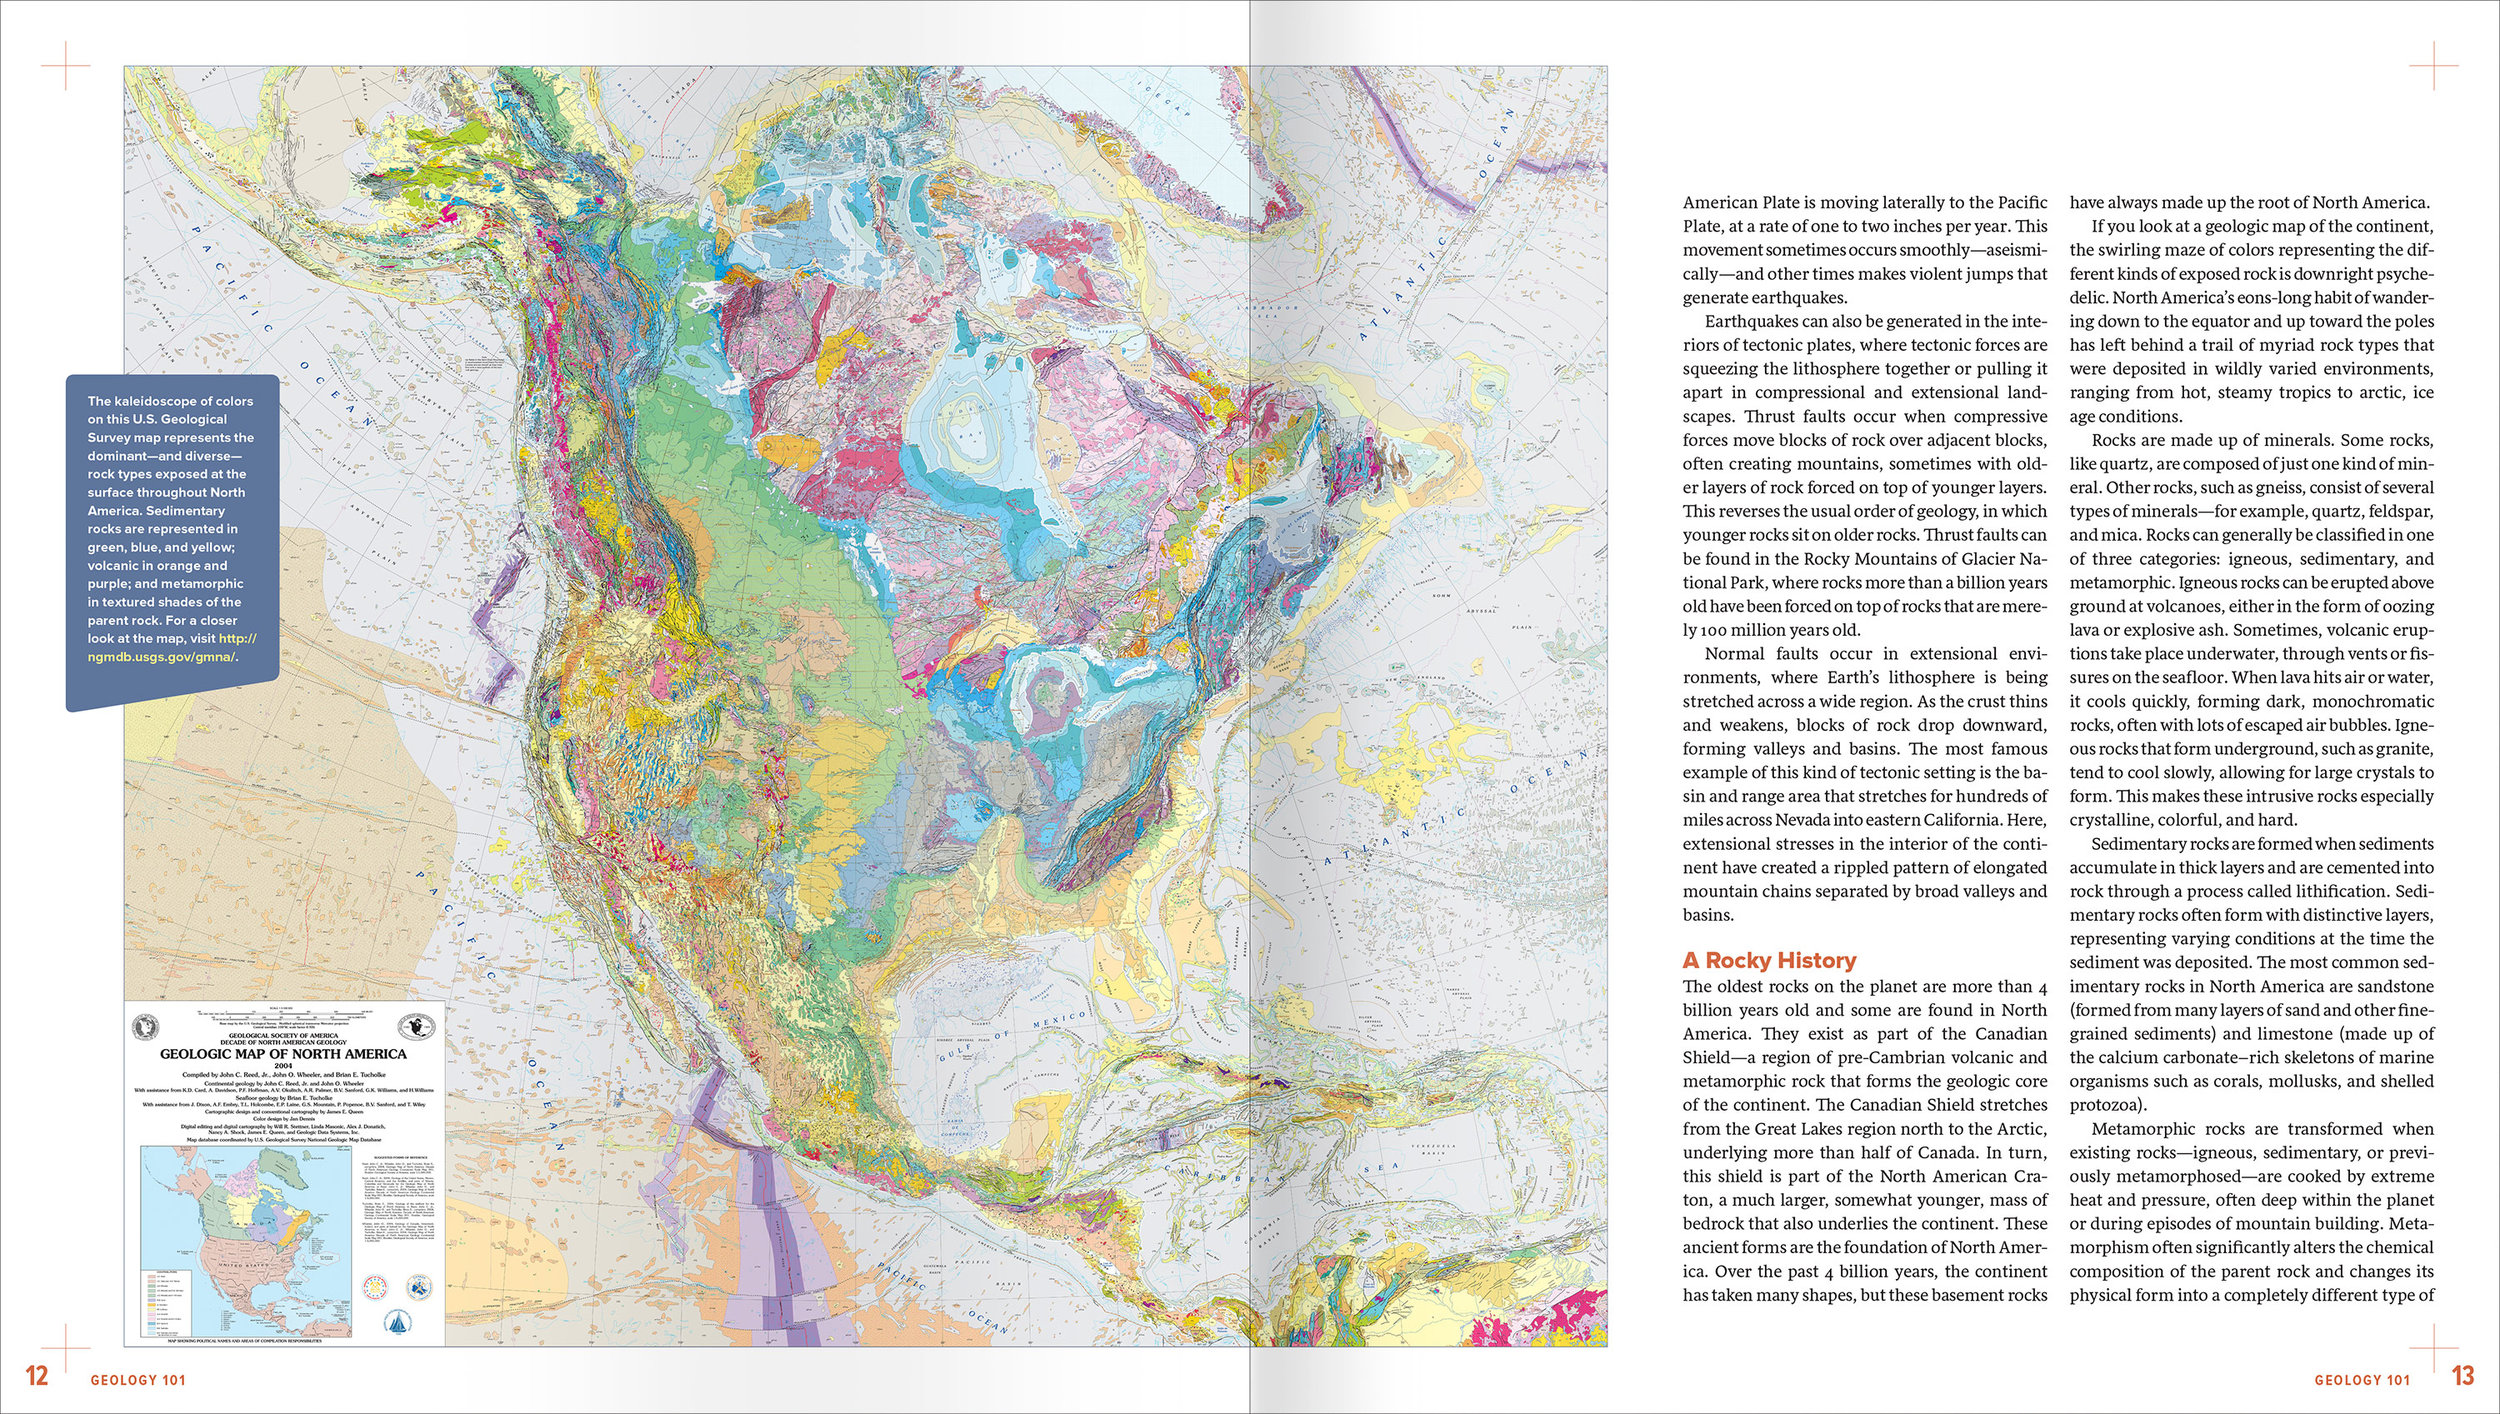 Morton_AerialGeology_spreads_002.jpg